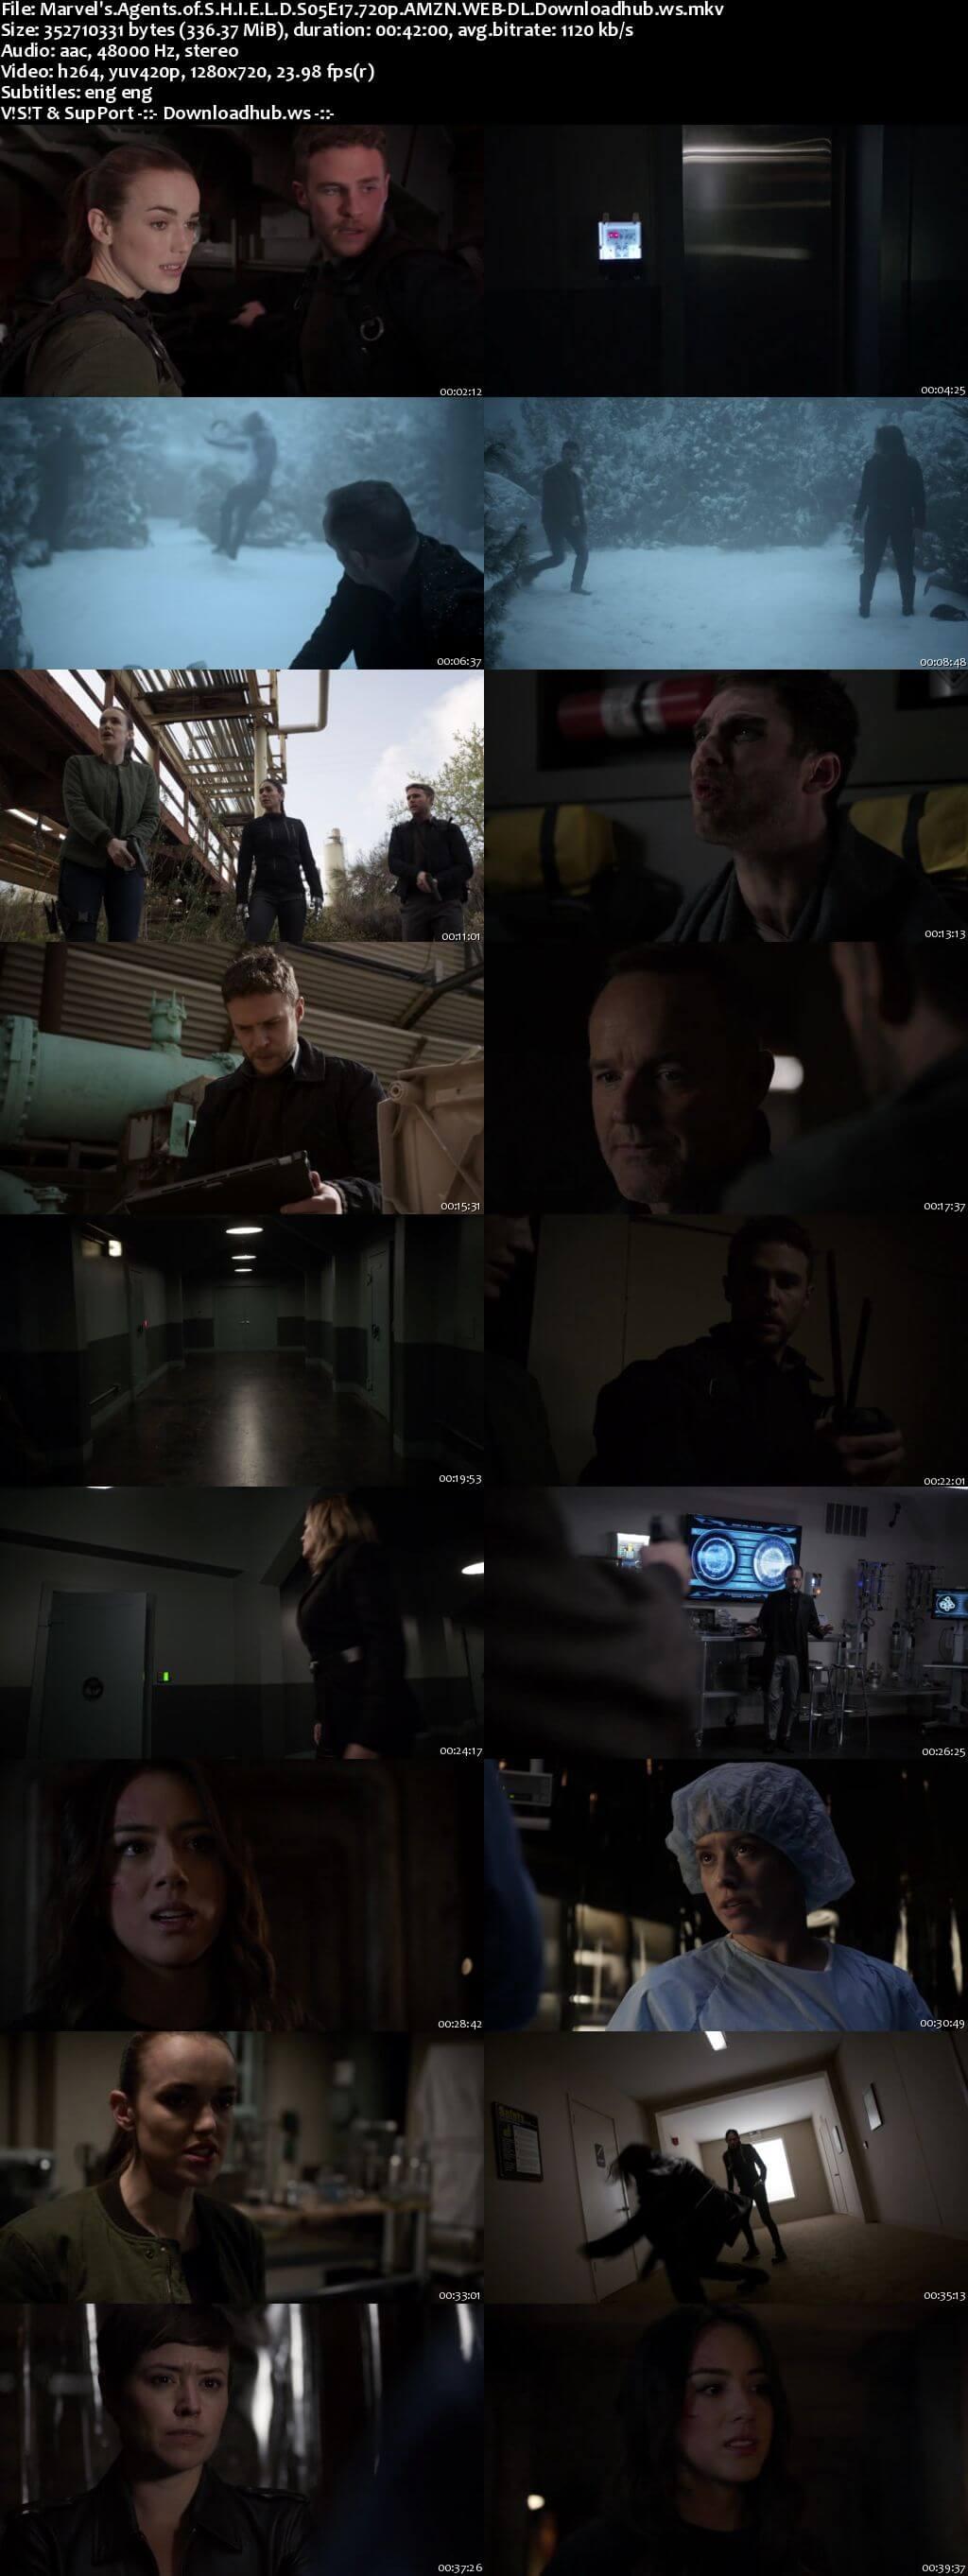 Marvels Agents of S.H.I.E.L.D S05E17 340MB Web-DL 720p x264 ESubs